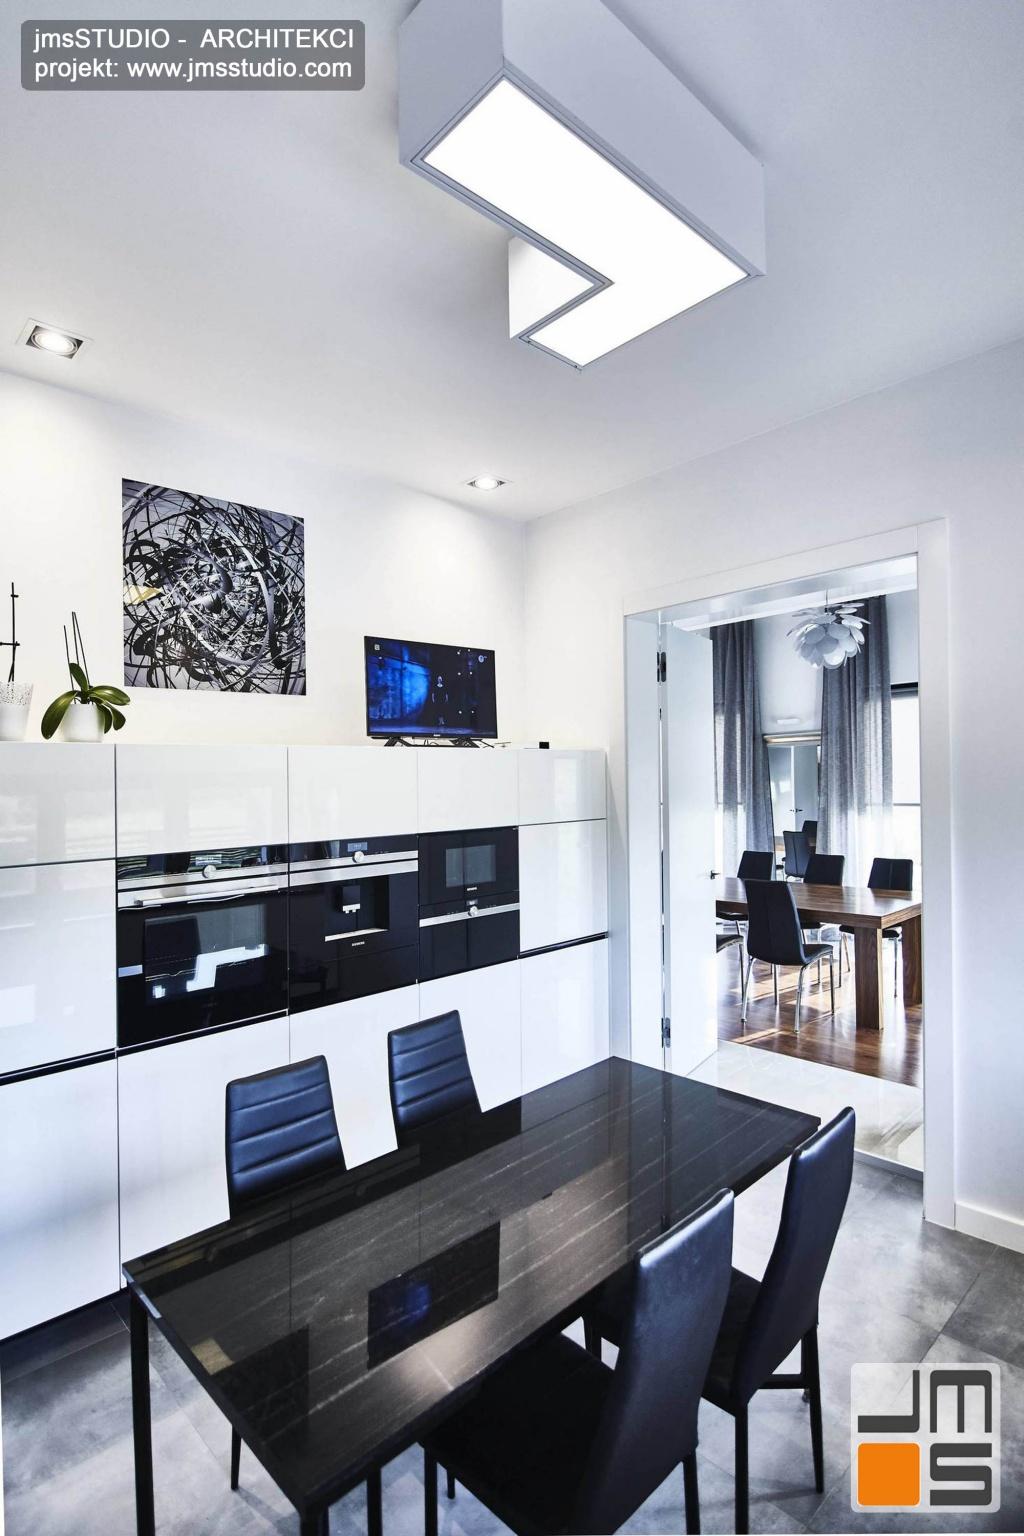 2018 06 w projekcie wnętrz kuchni zastosowano bardzo efektowną lampę sufitową na stropową w kolorze białym która pasuje do prostych białych lakierowanych mebli kuchennych